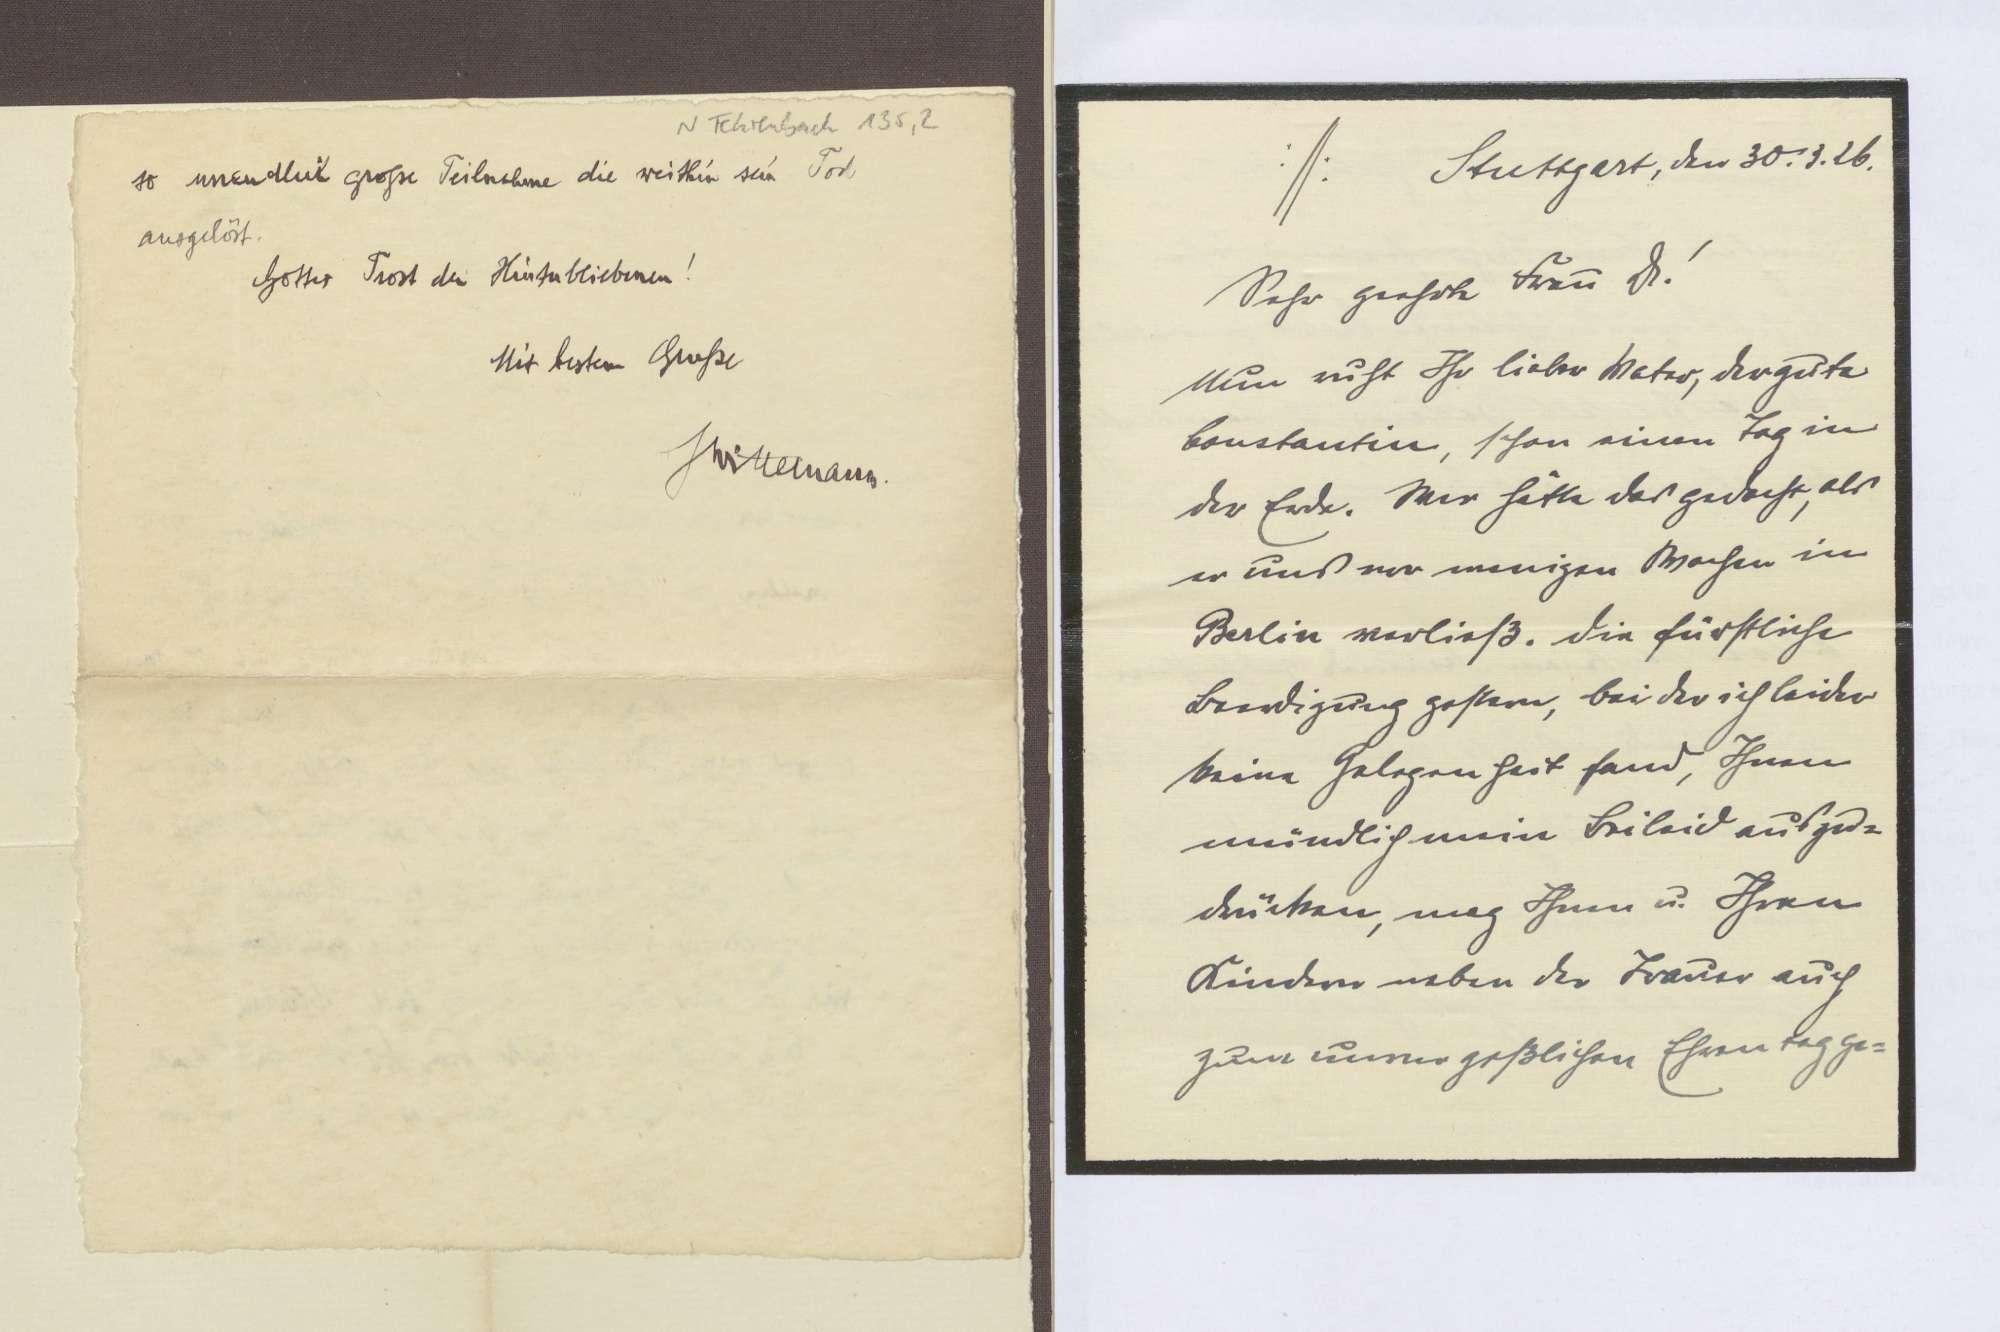 Schreiben von Eugen Bolz an Elisabeth Rosset, Kondolenzschreiben zum Tod von Constantin Fehrenbach, Bild 1